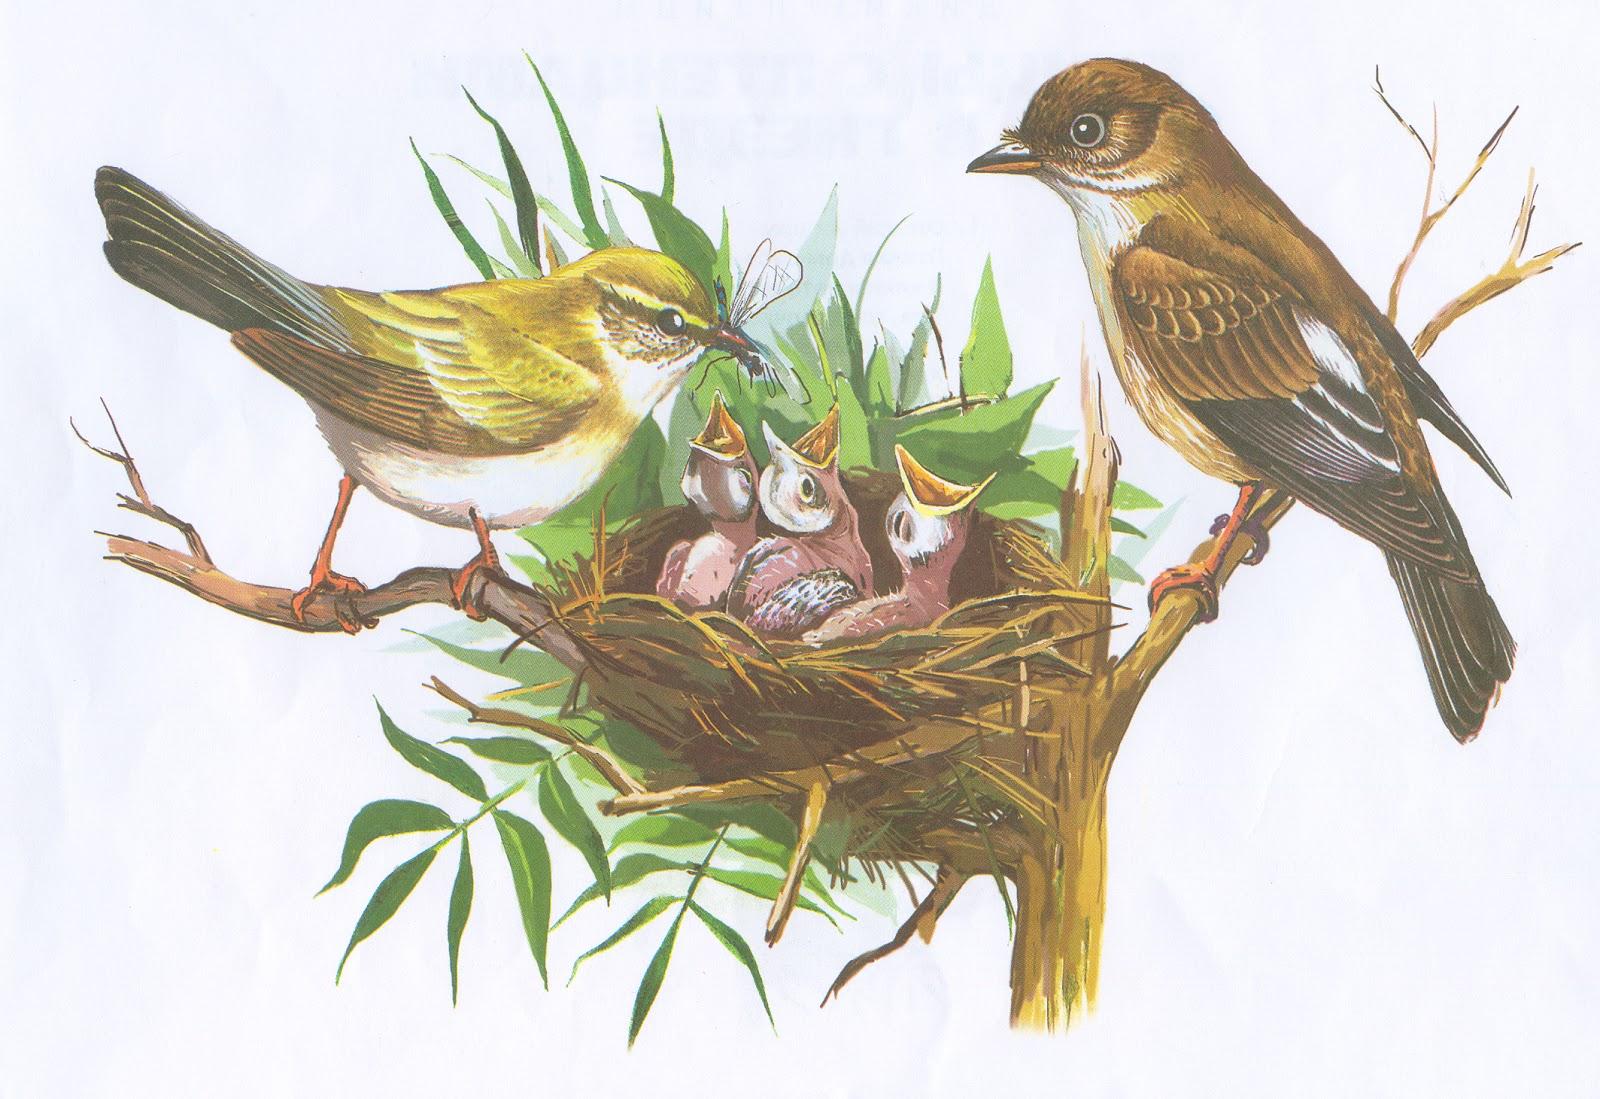 Картинки по запросу перелетные птицы с птенцами картинки для детей